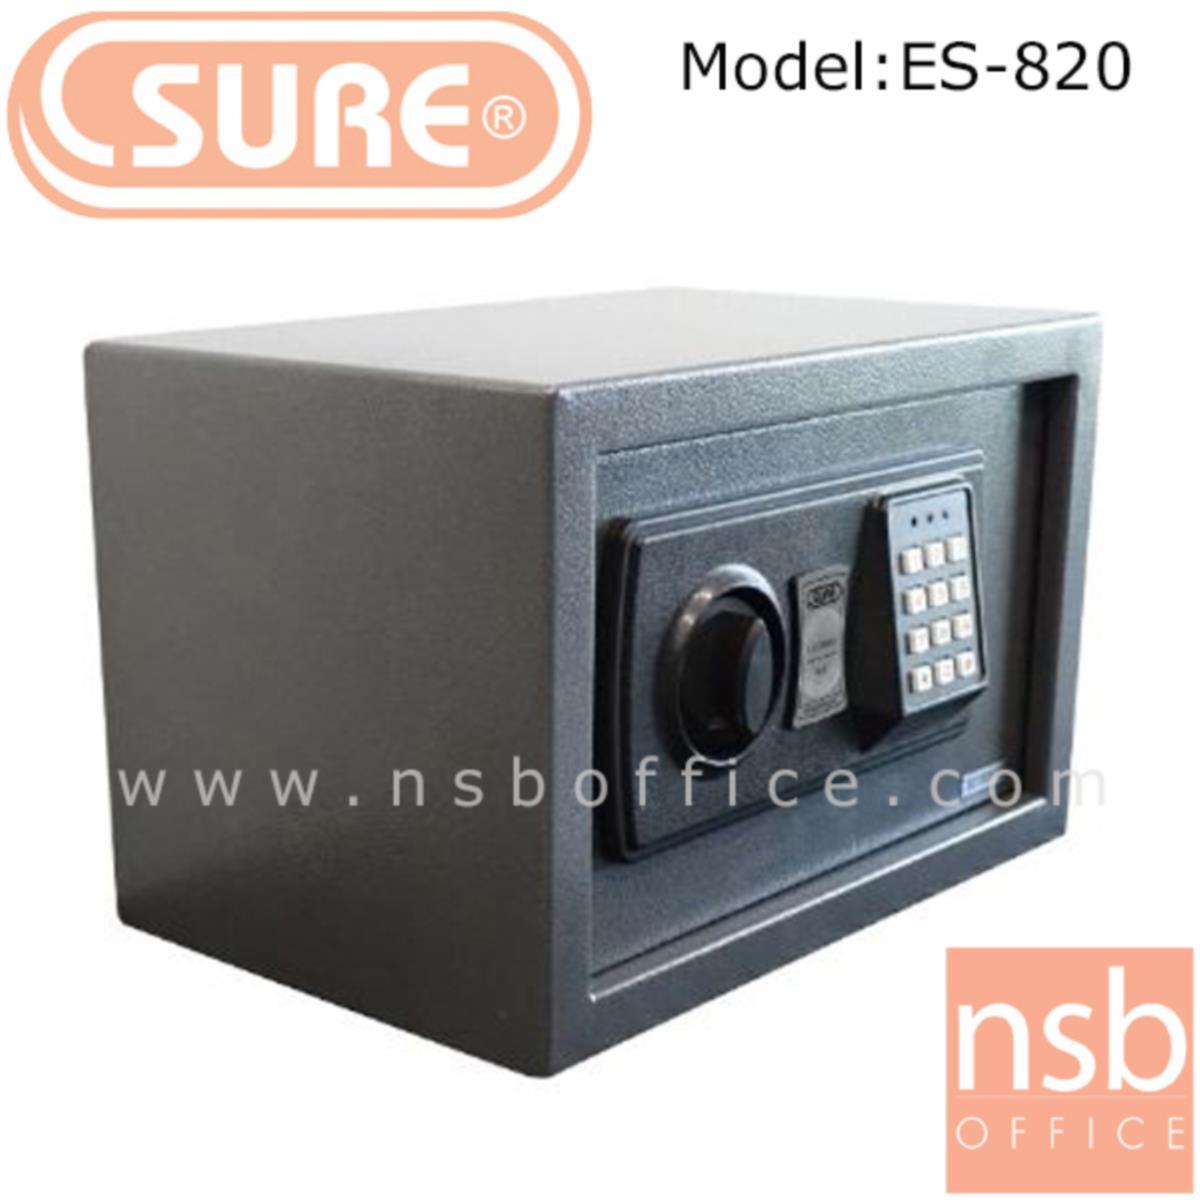 ตู้เซฟดิจตอล SR-ES820 น้ำหนัก 4 กก. (1 รหัสกด / ปุ่มหมุนบิด)